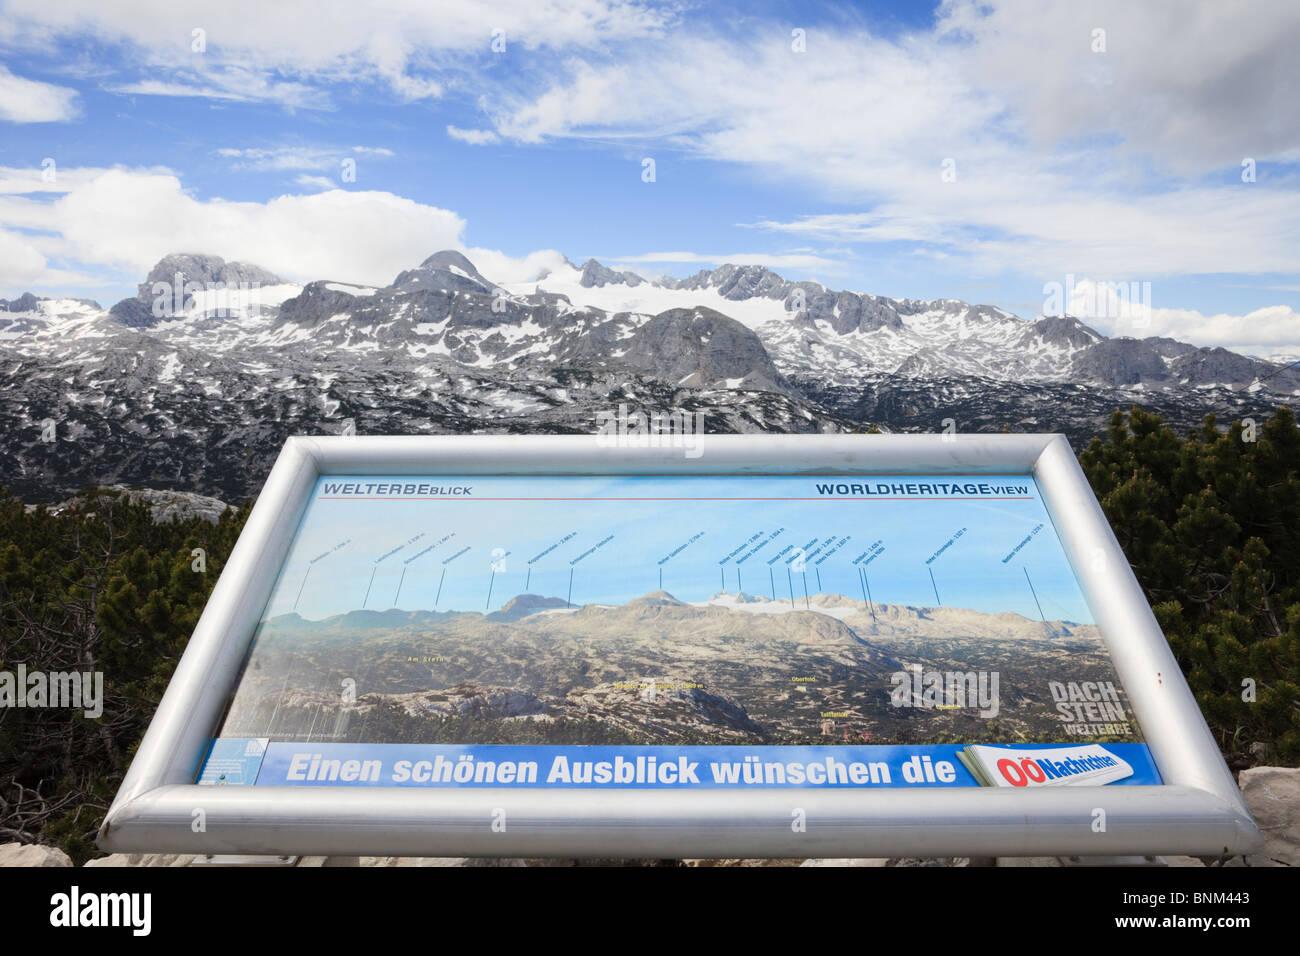 Dachstein Wandern Welt WorldNaturalHeritage Aussichtspunkt auf dem Krippenstein Mountain in der Dachstein-Massiv. Stockbild